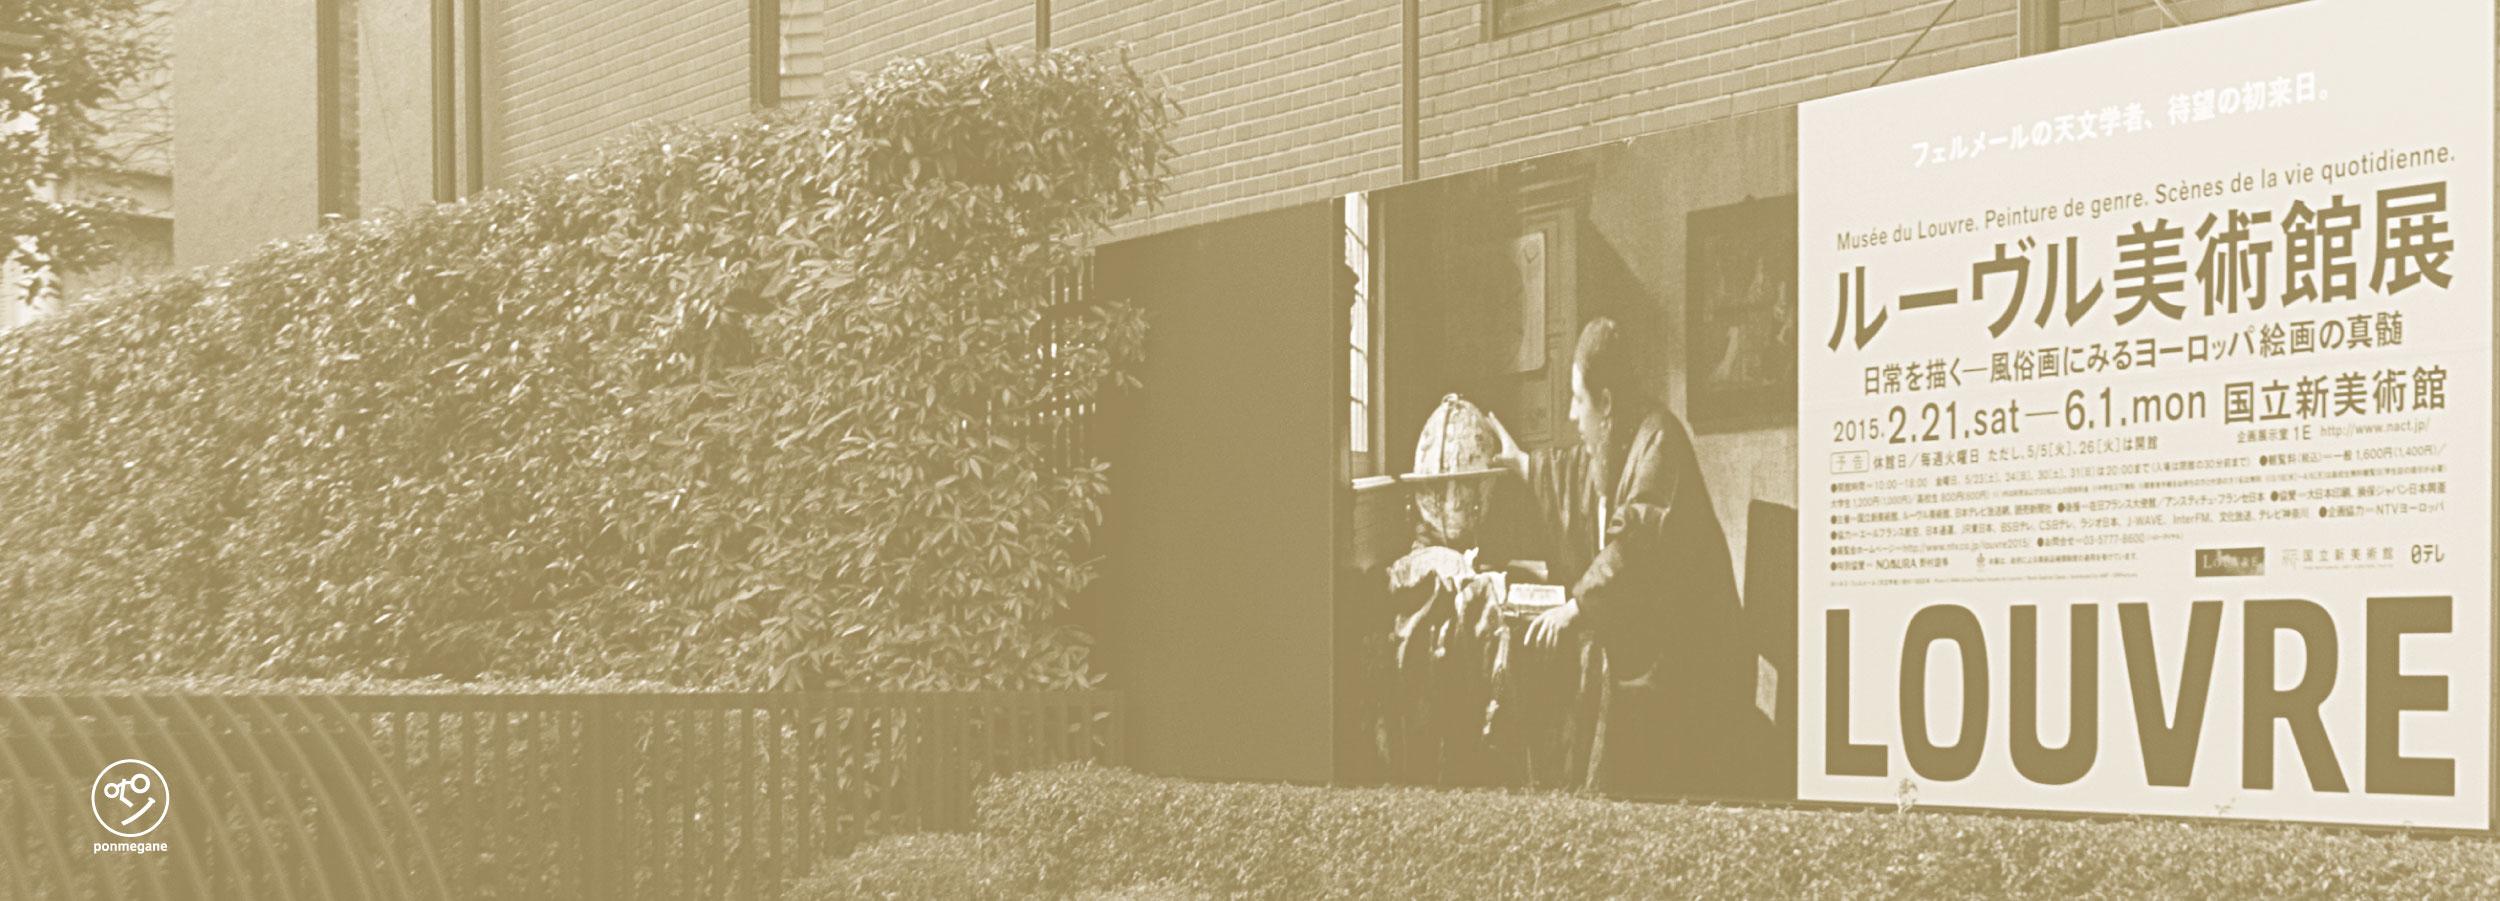 ルーヴル美術館展 ポンメガネ in 国立新美術館 イメージ